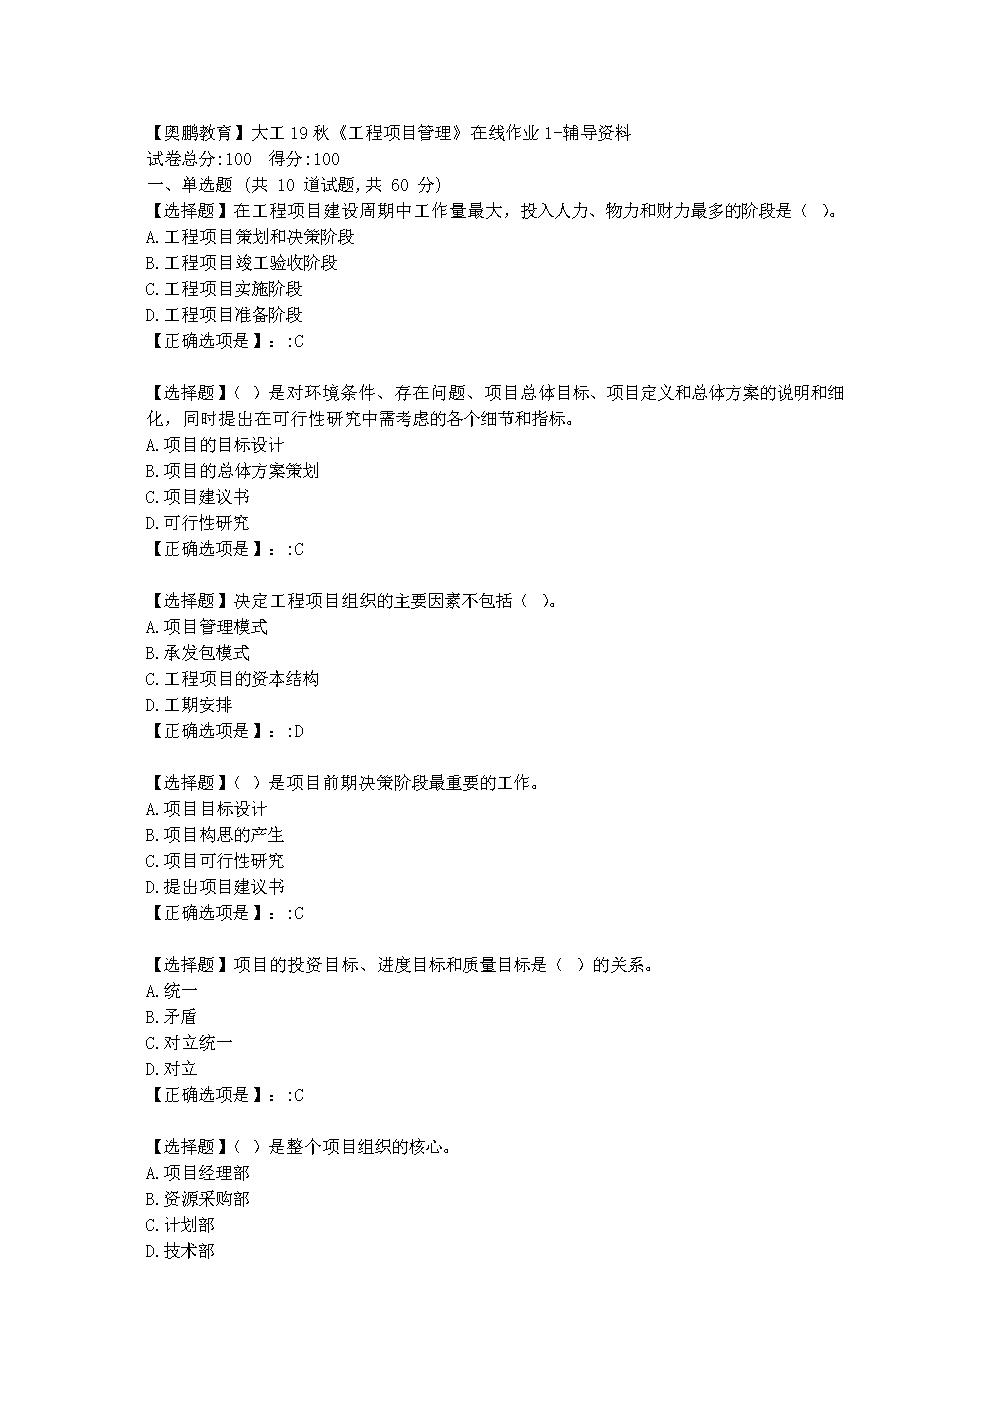 大连理工大学19秋《工程项目管理》在线作业1学习资料.doc